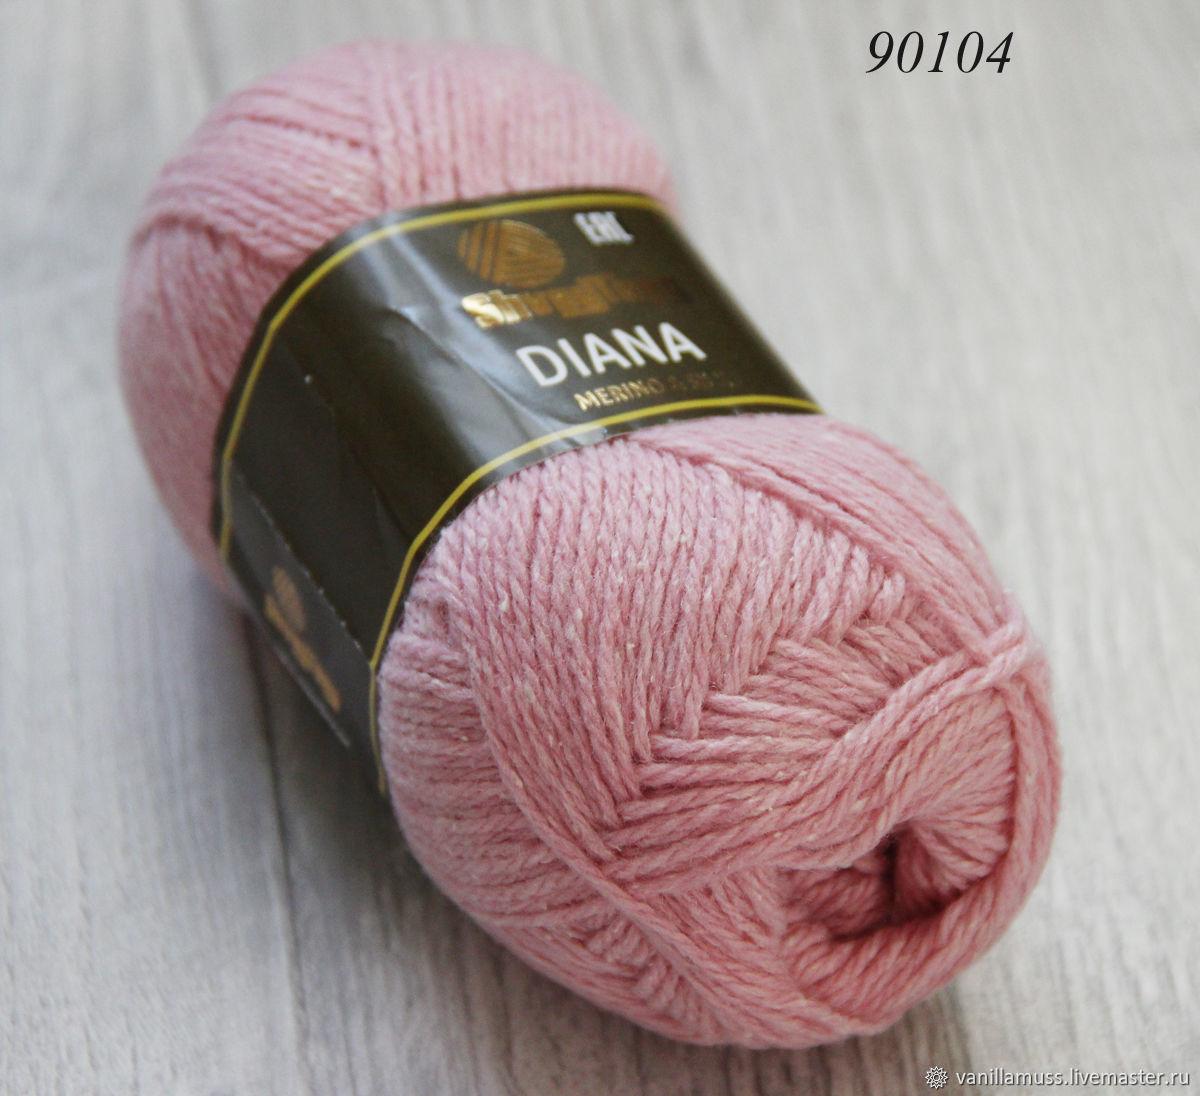 Вязание ручной работы. Ярмарка Мастеров - ручная работа. Купить Диана - шерсть с шелком. Handmade. Пряжа для вязания, пряжа для крючка